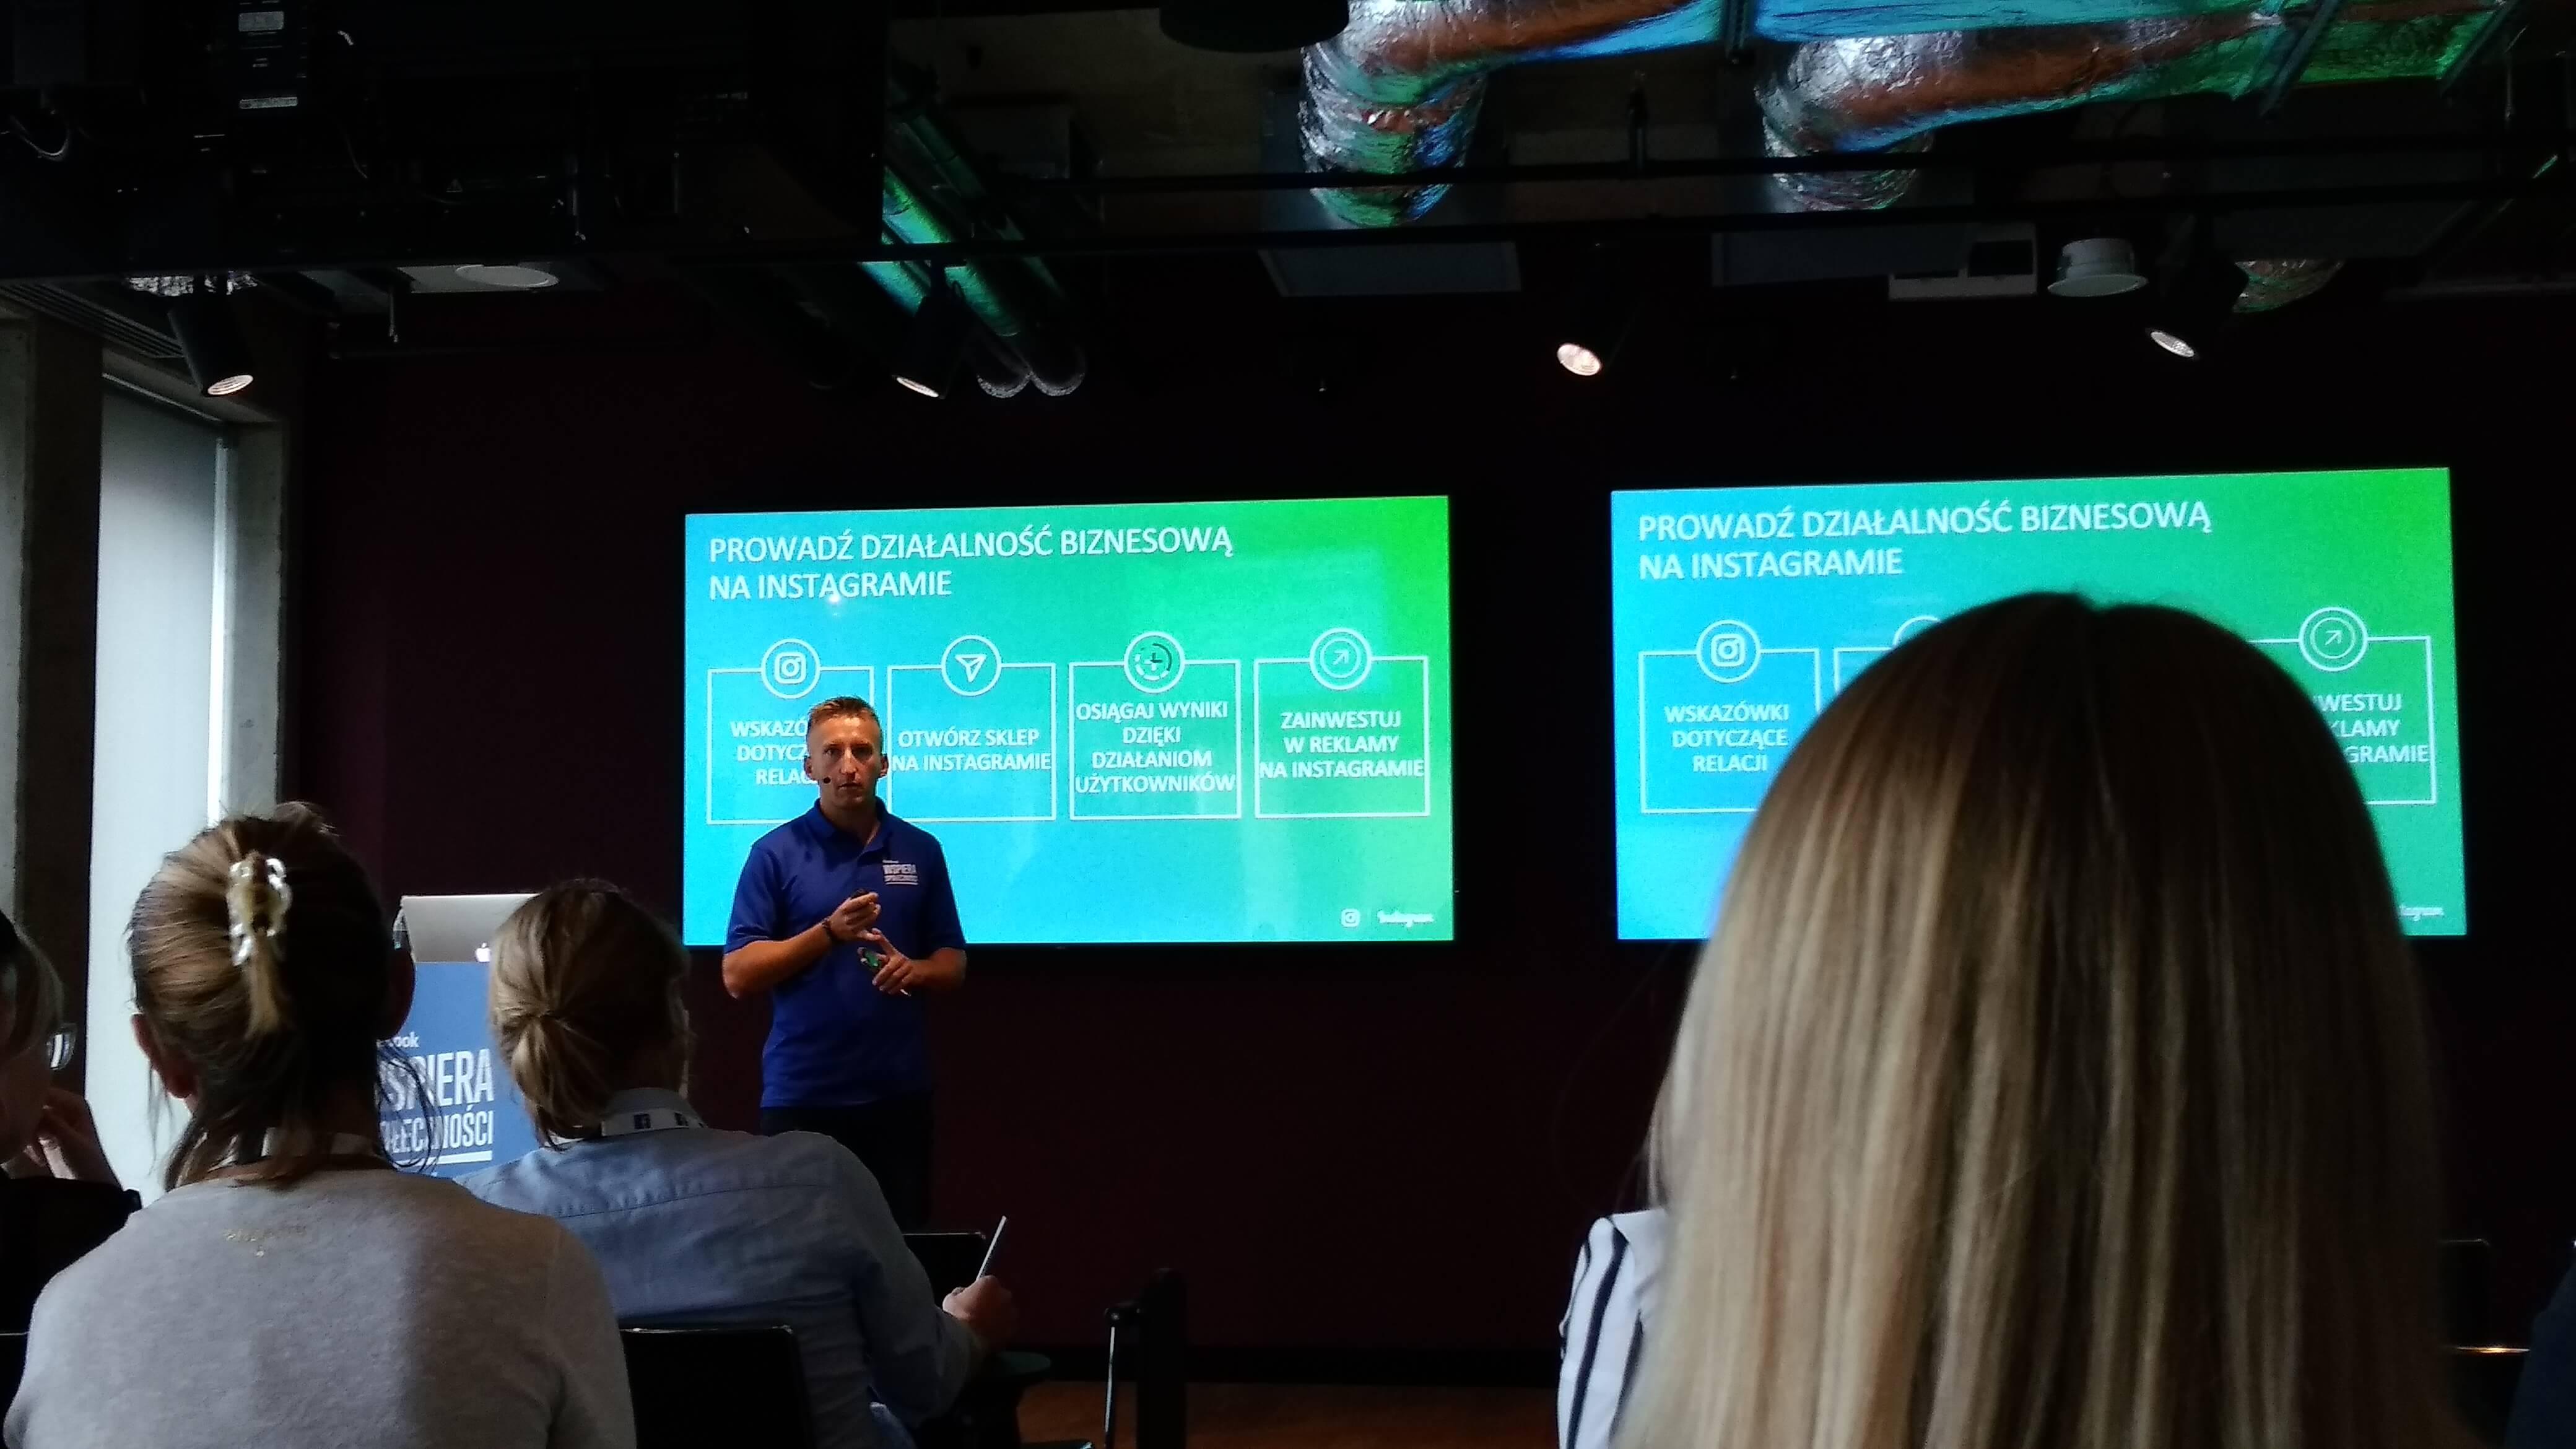 Slajd z prezentacji: Jak prowadzić działalność biznesową na Instagramie